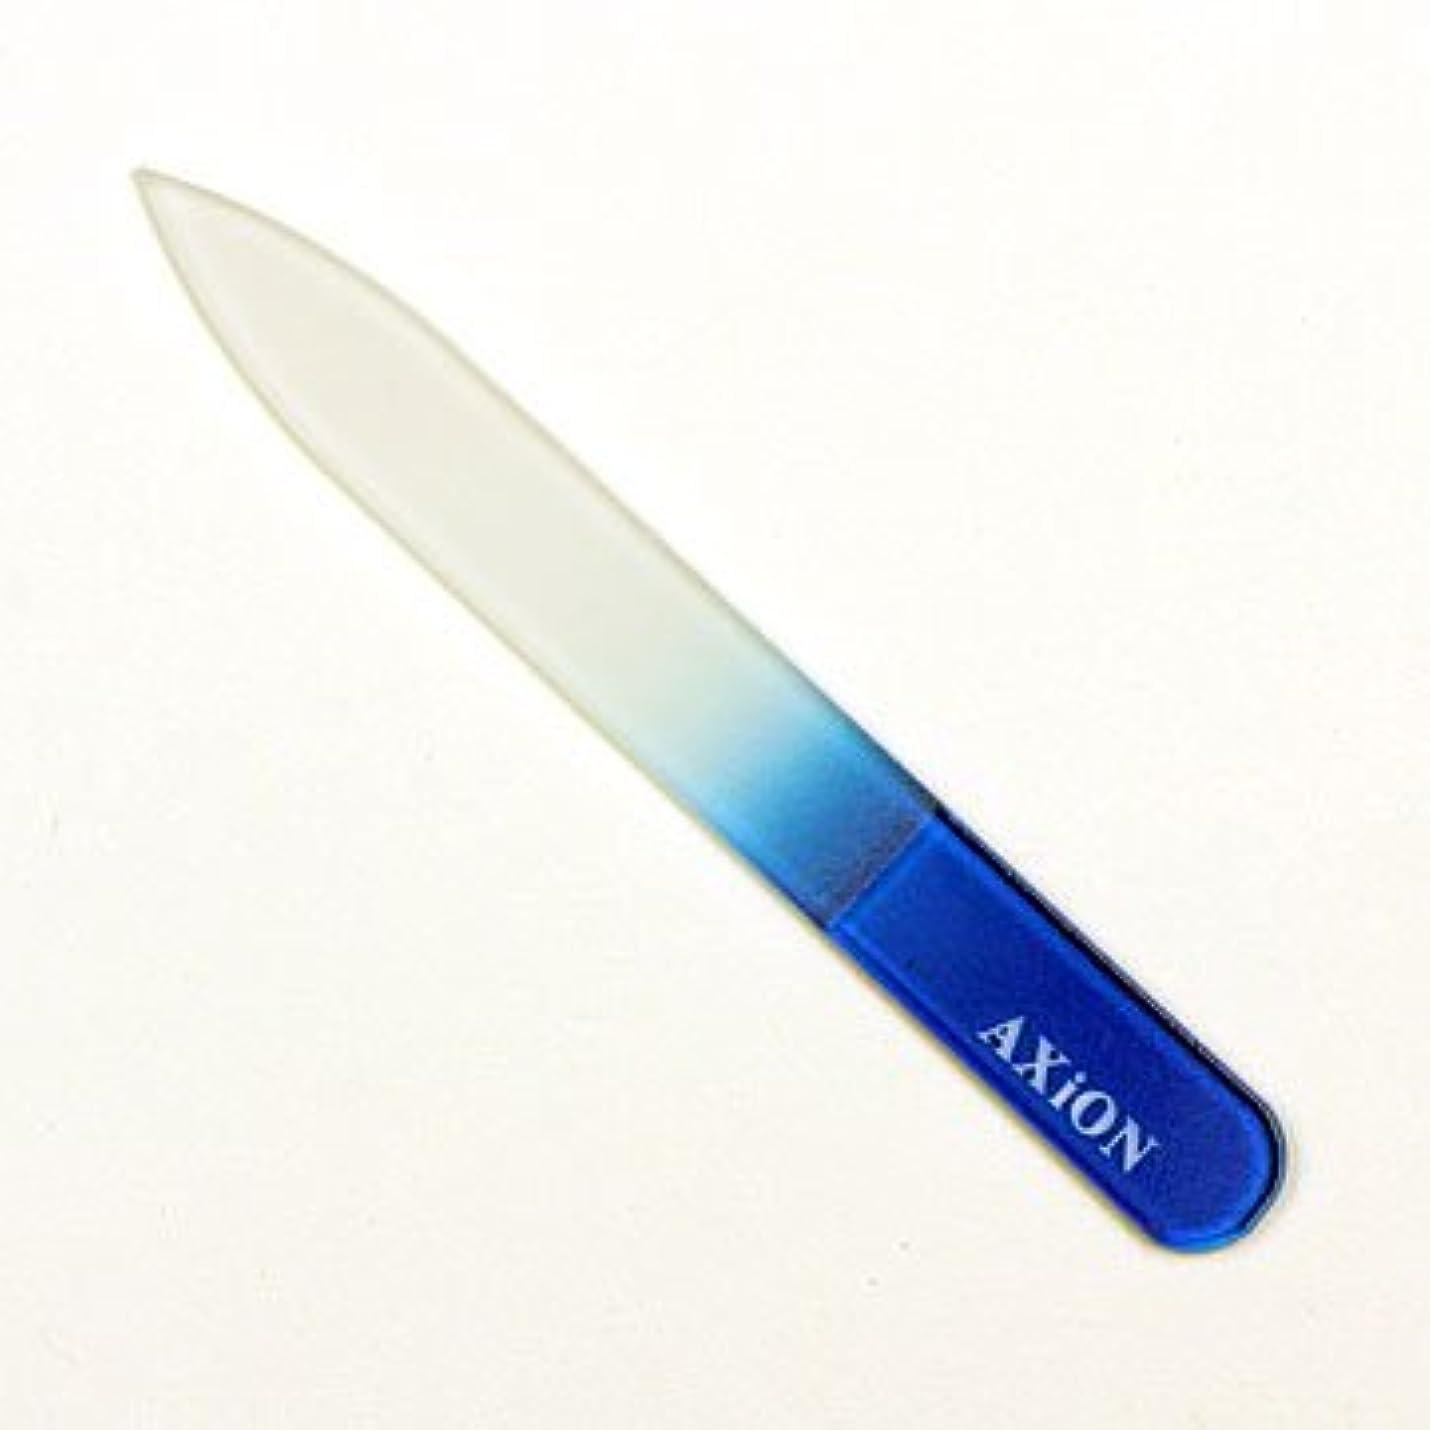 知的貴重なメッセージチェコ製 AXiON(アクシオン)ガラス製爪ヤスリ(ブルー)両面タイプ #slg009567fba